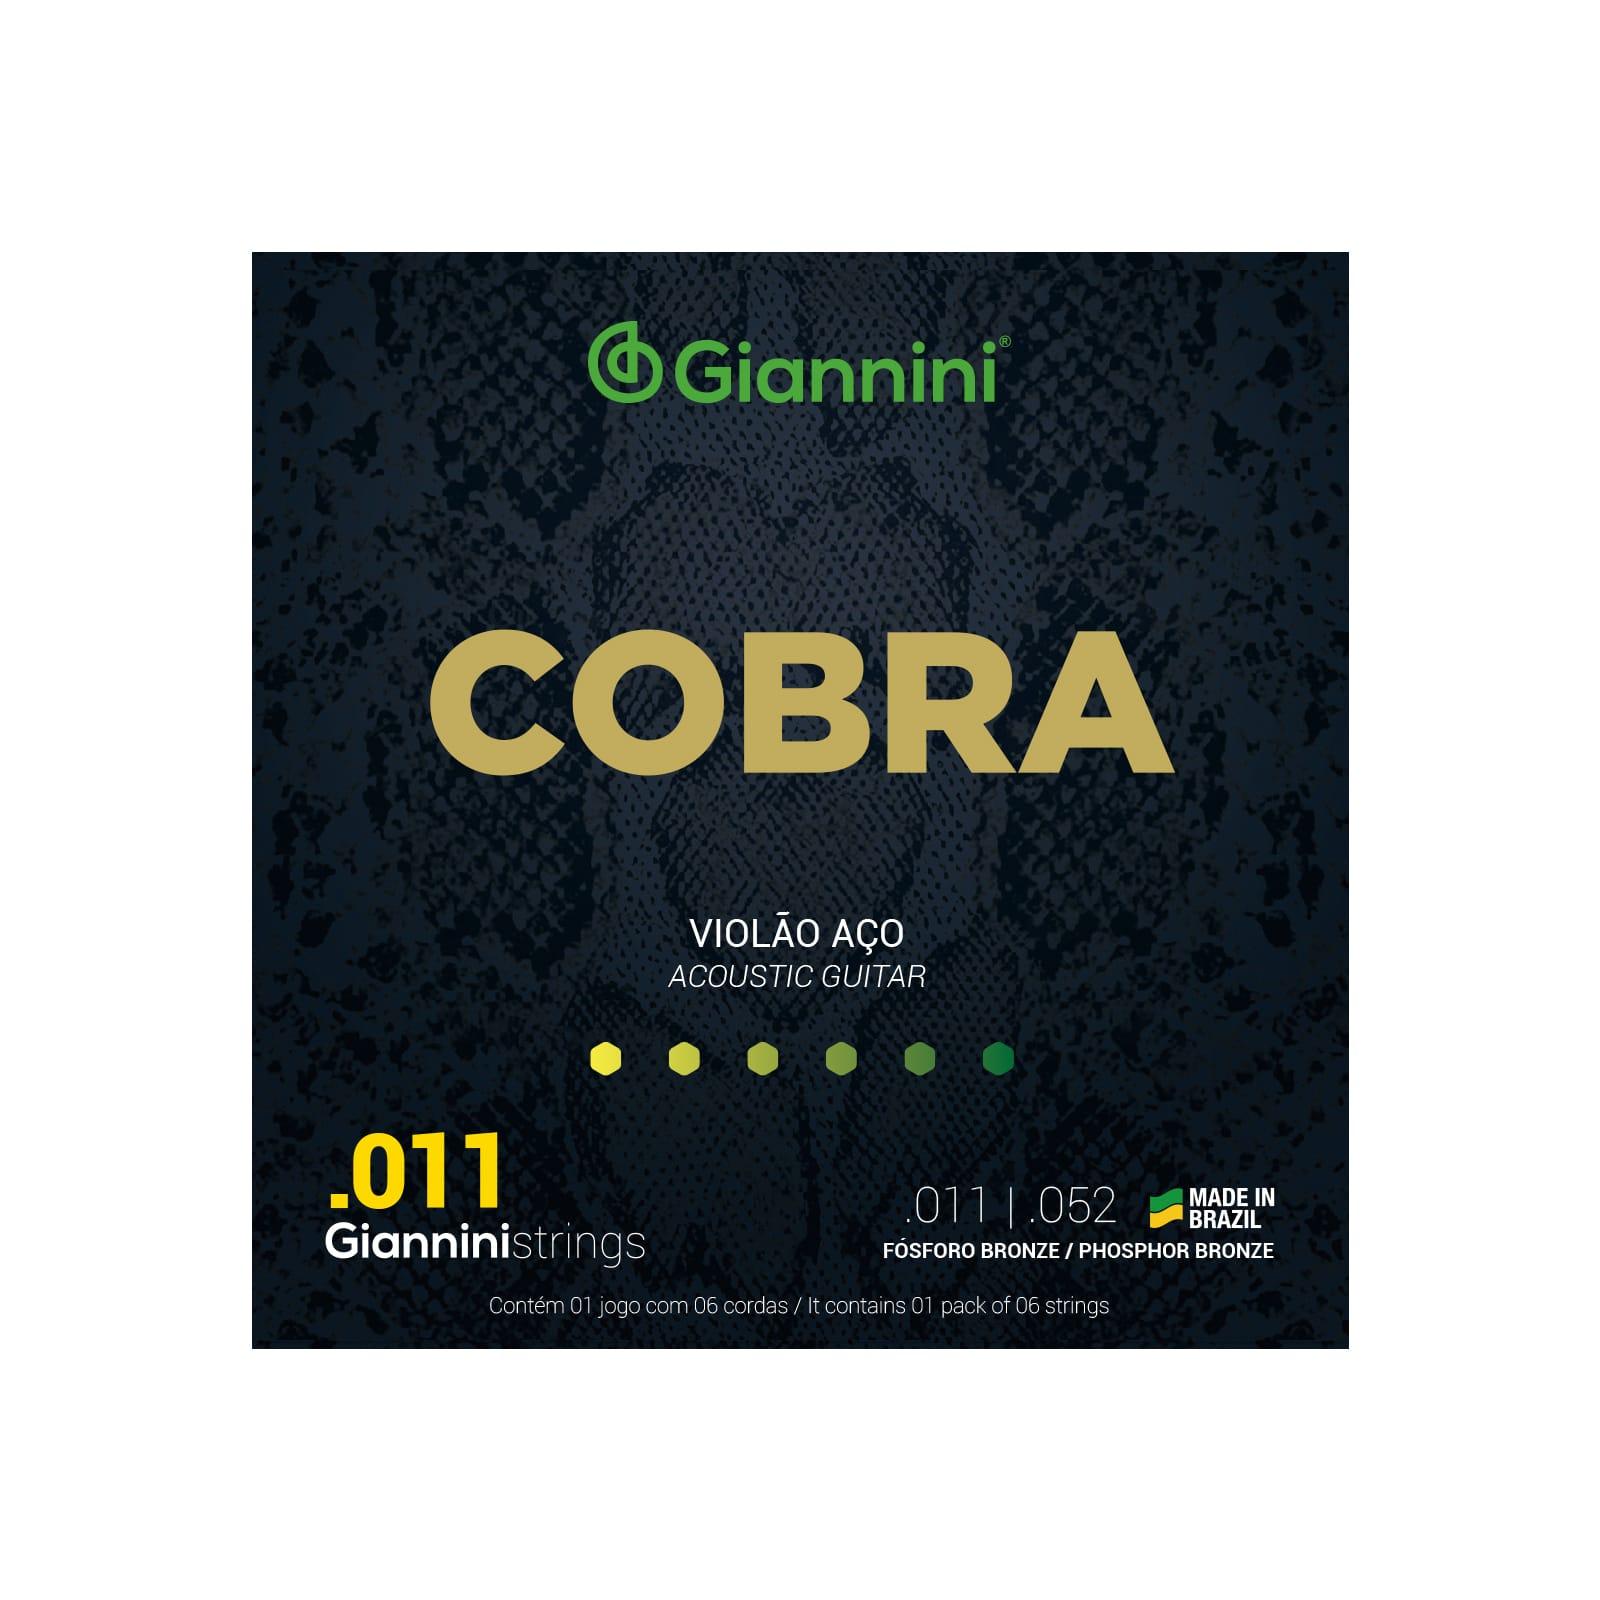 Encordoamento Giannini Cobra Violão Aço .011 PHOSPHOR BRONZE